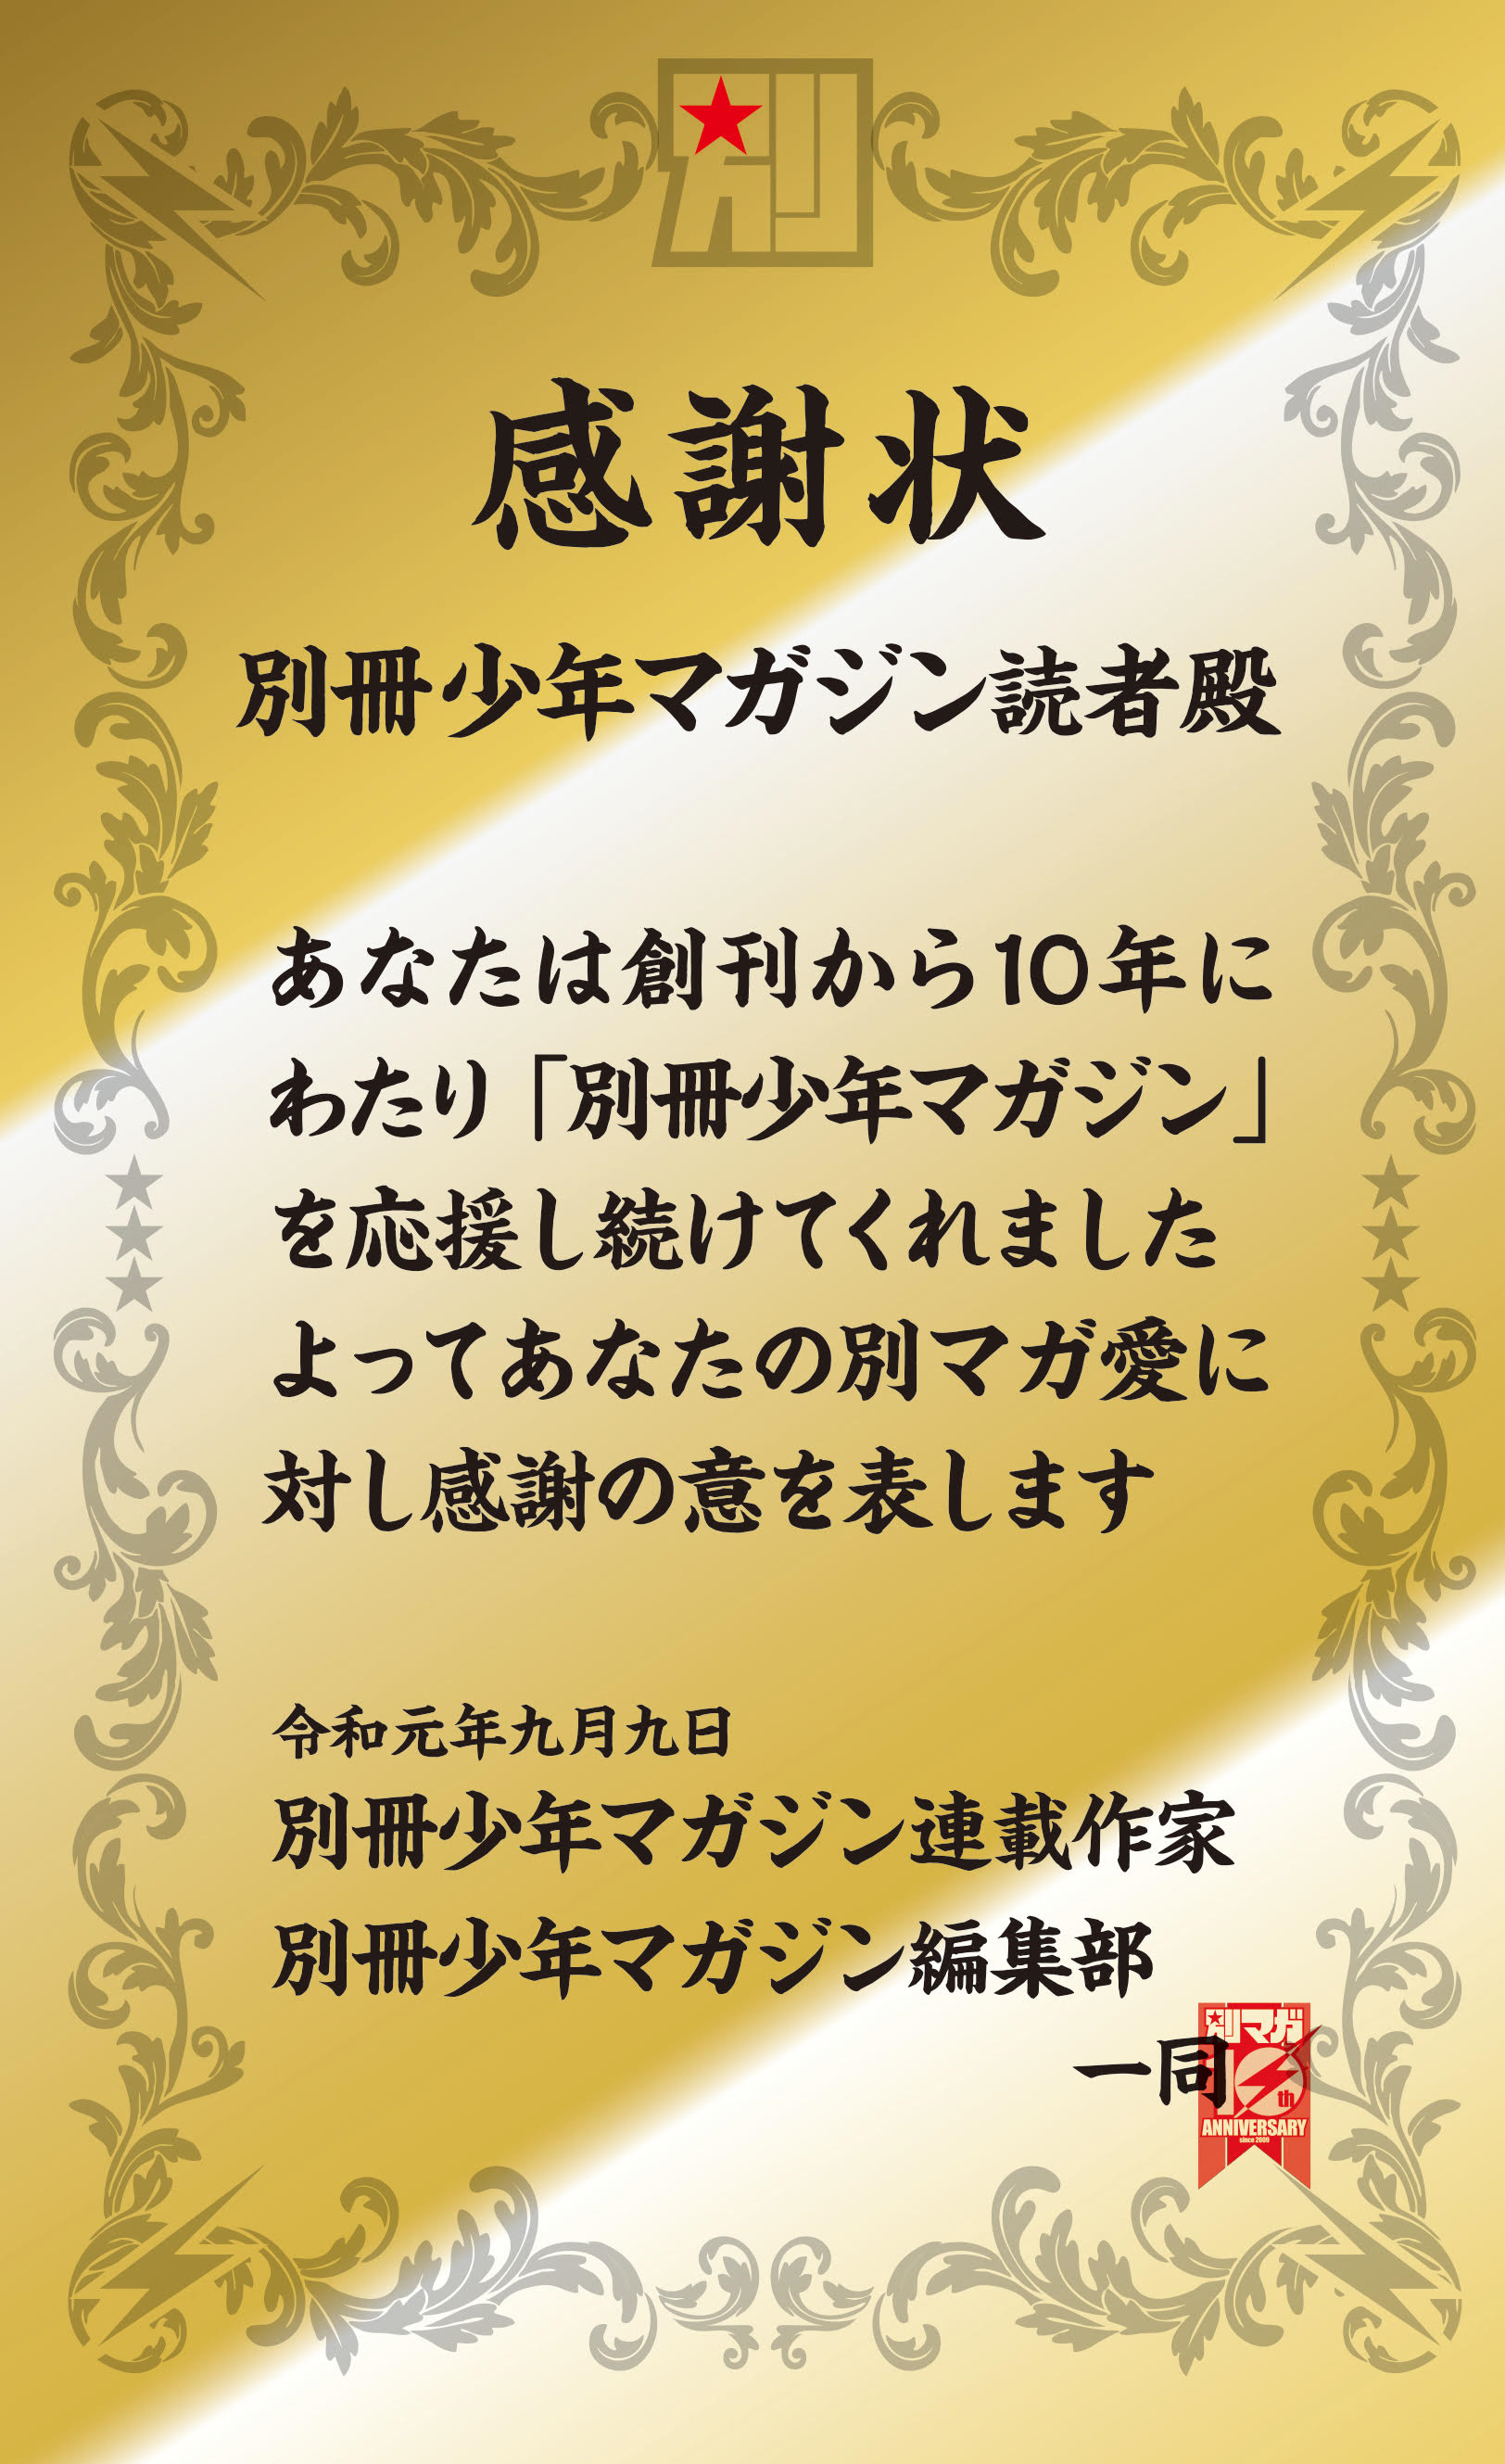 特製純金ポストカード